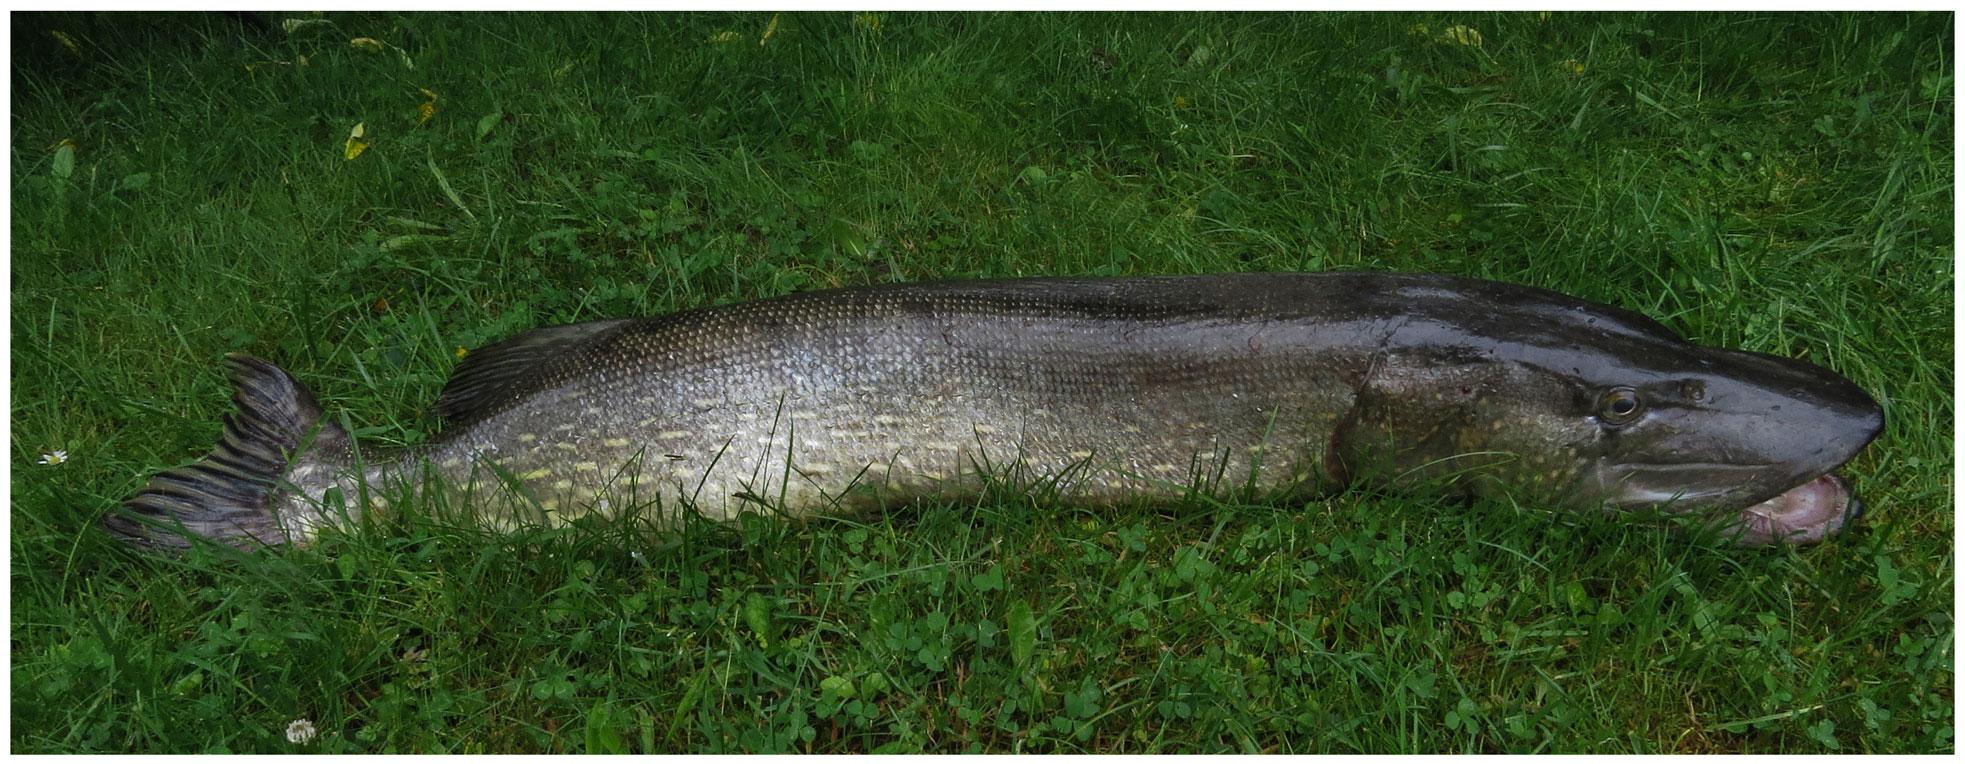 Hecht, 117 cm, 22 Pfd, Toter Köderfisch